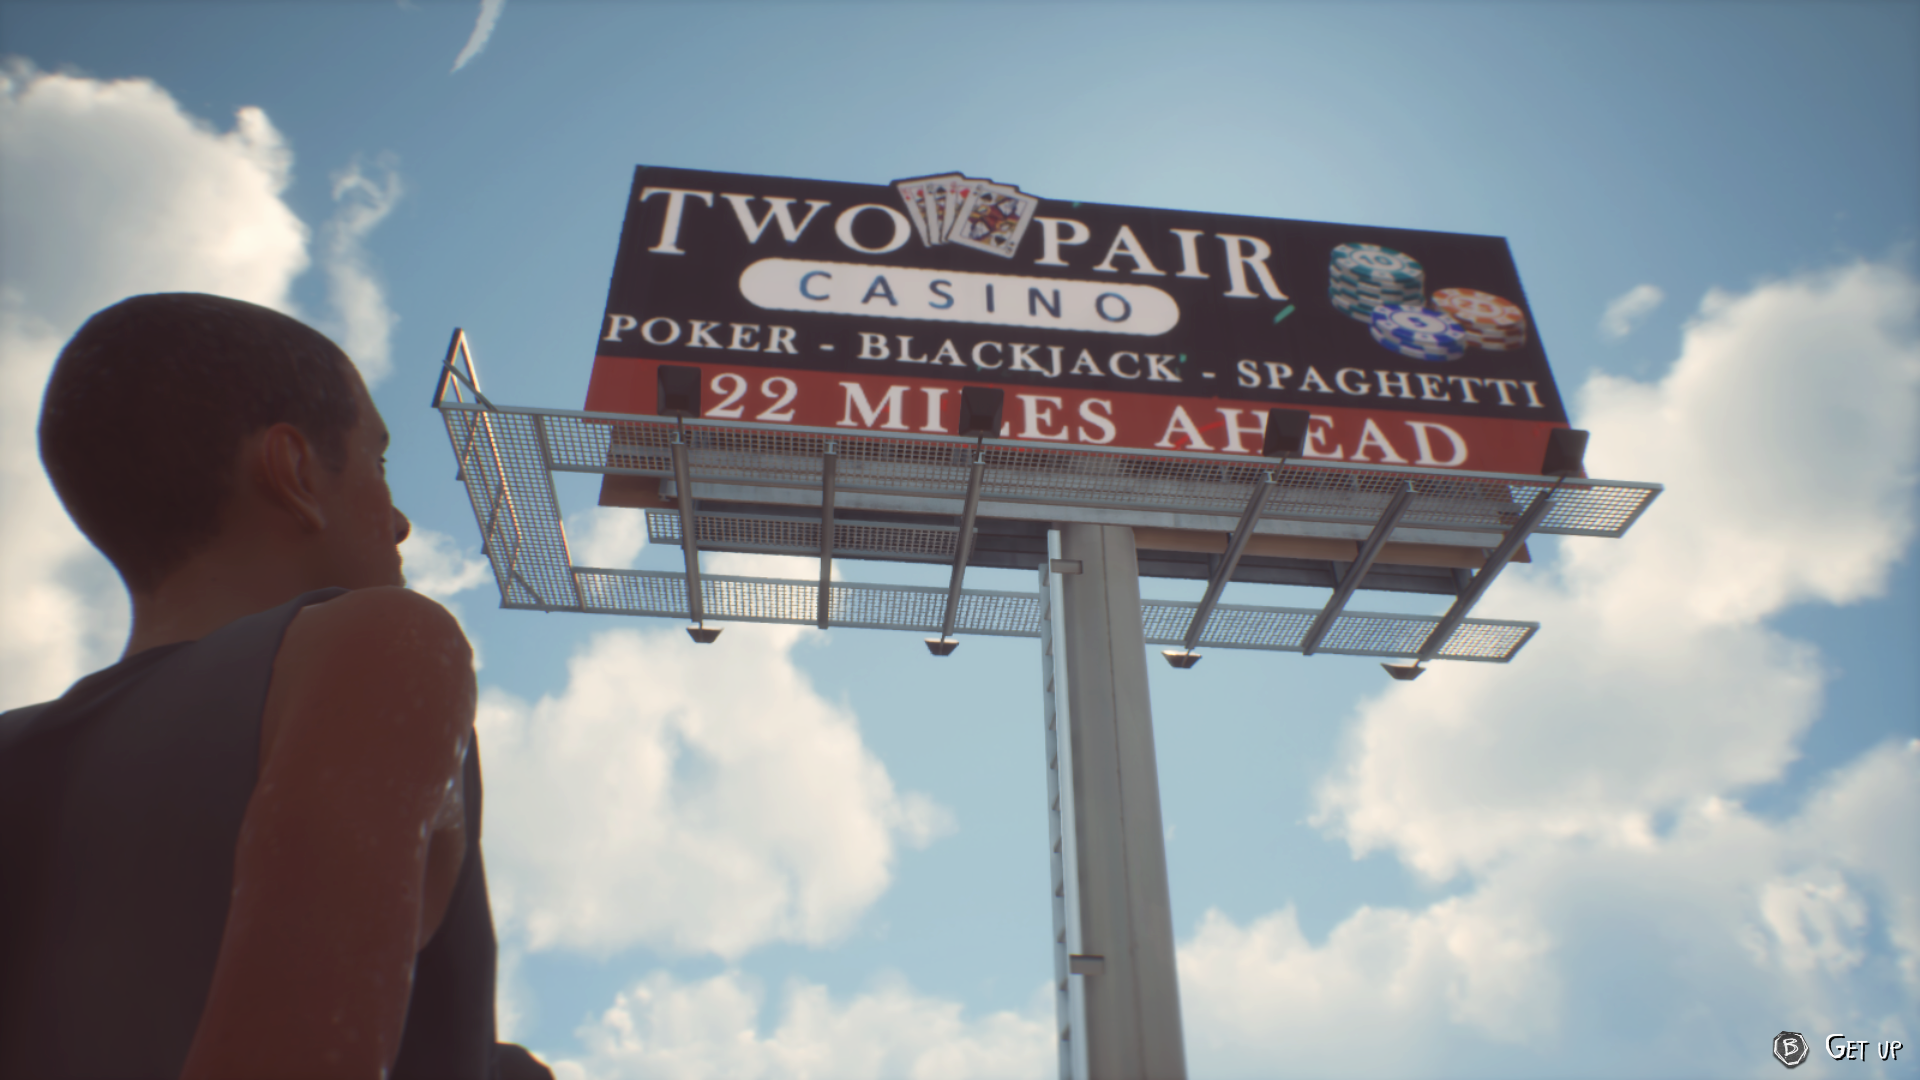 Two Pair Casino